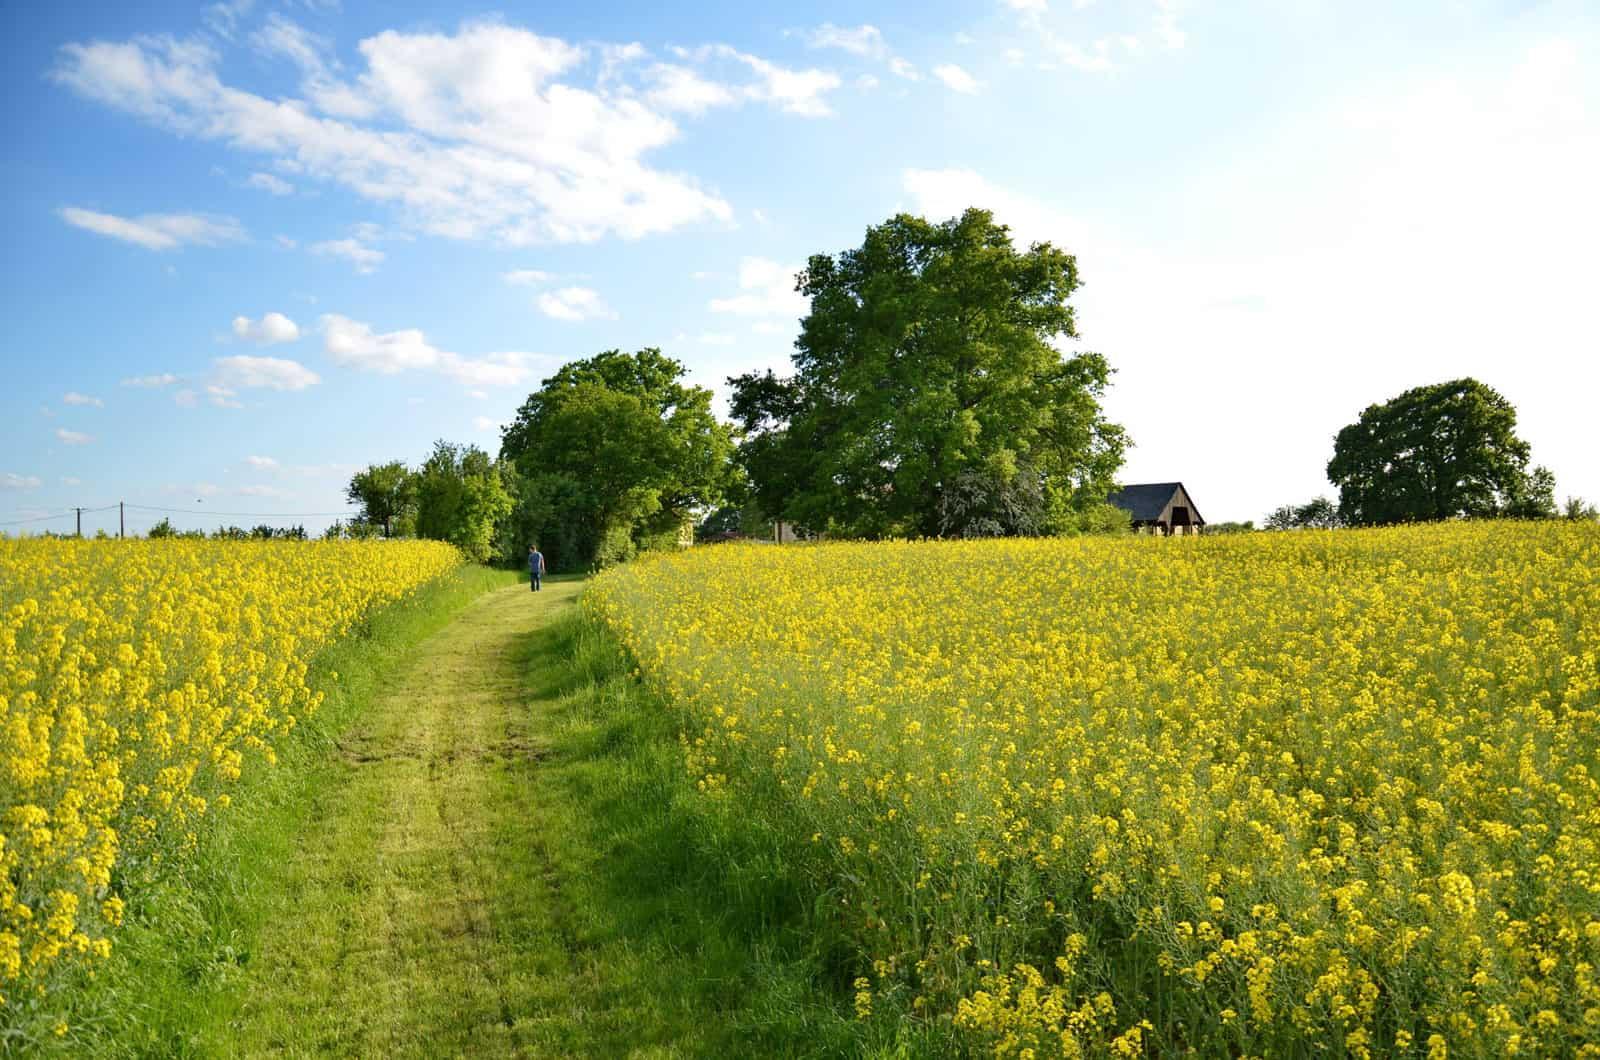 Chemin pour se promener au départ de la ferme - gîte rural de Haute Forêt en Vallée du Loir